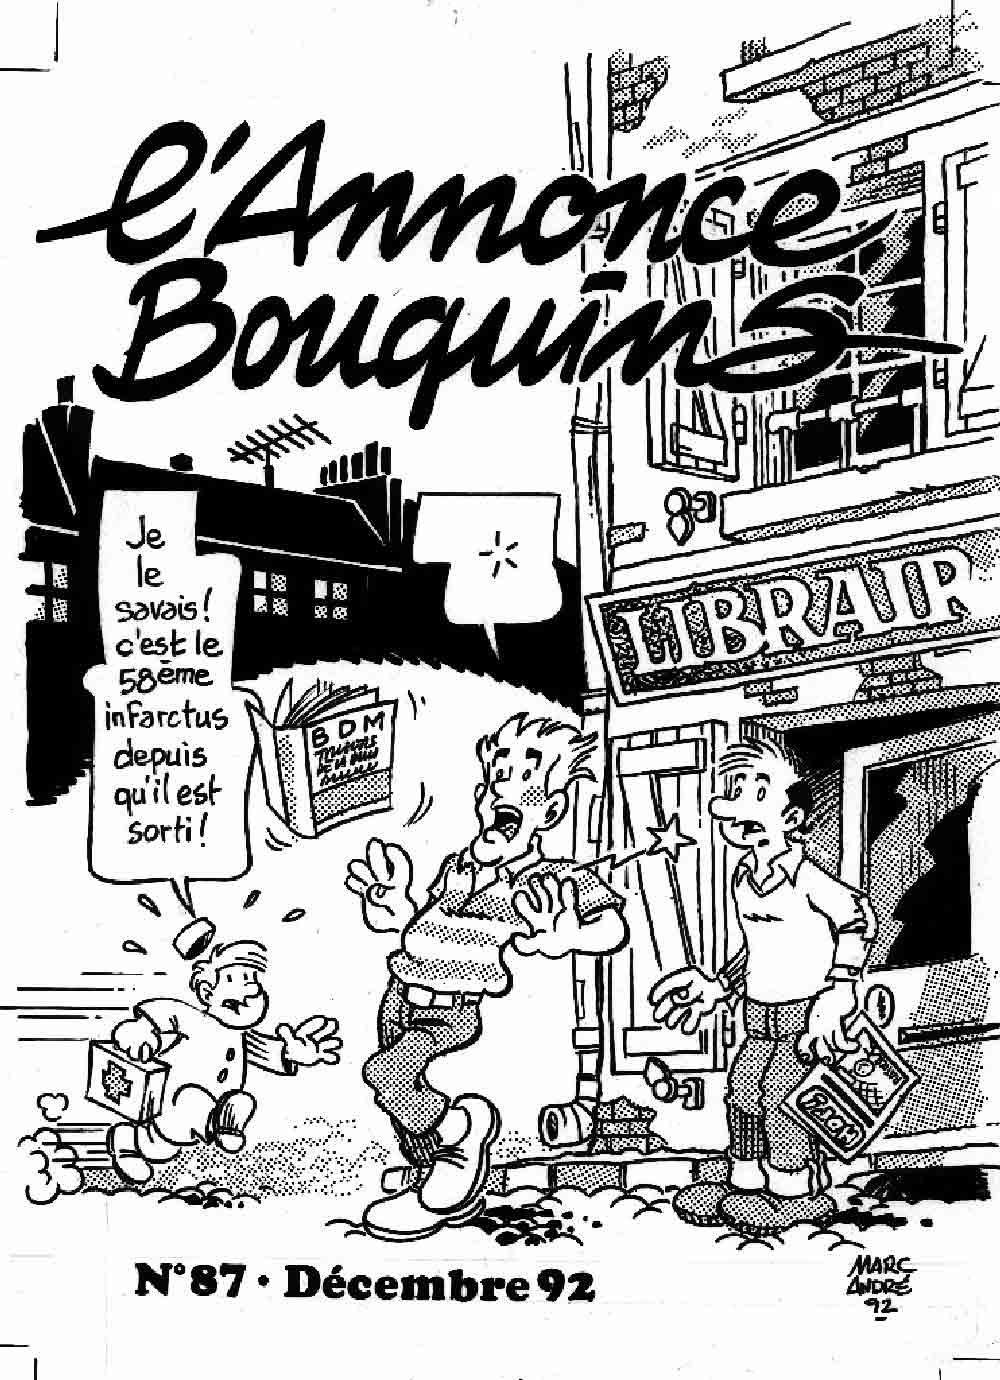 L'annonce-Bouquins 87 - décembre 1992 - par Marc-André - 1992-1995 - Bande dessinée - Libourne - Marc-André BD Illustration Graphisme - Limoges